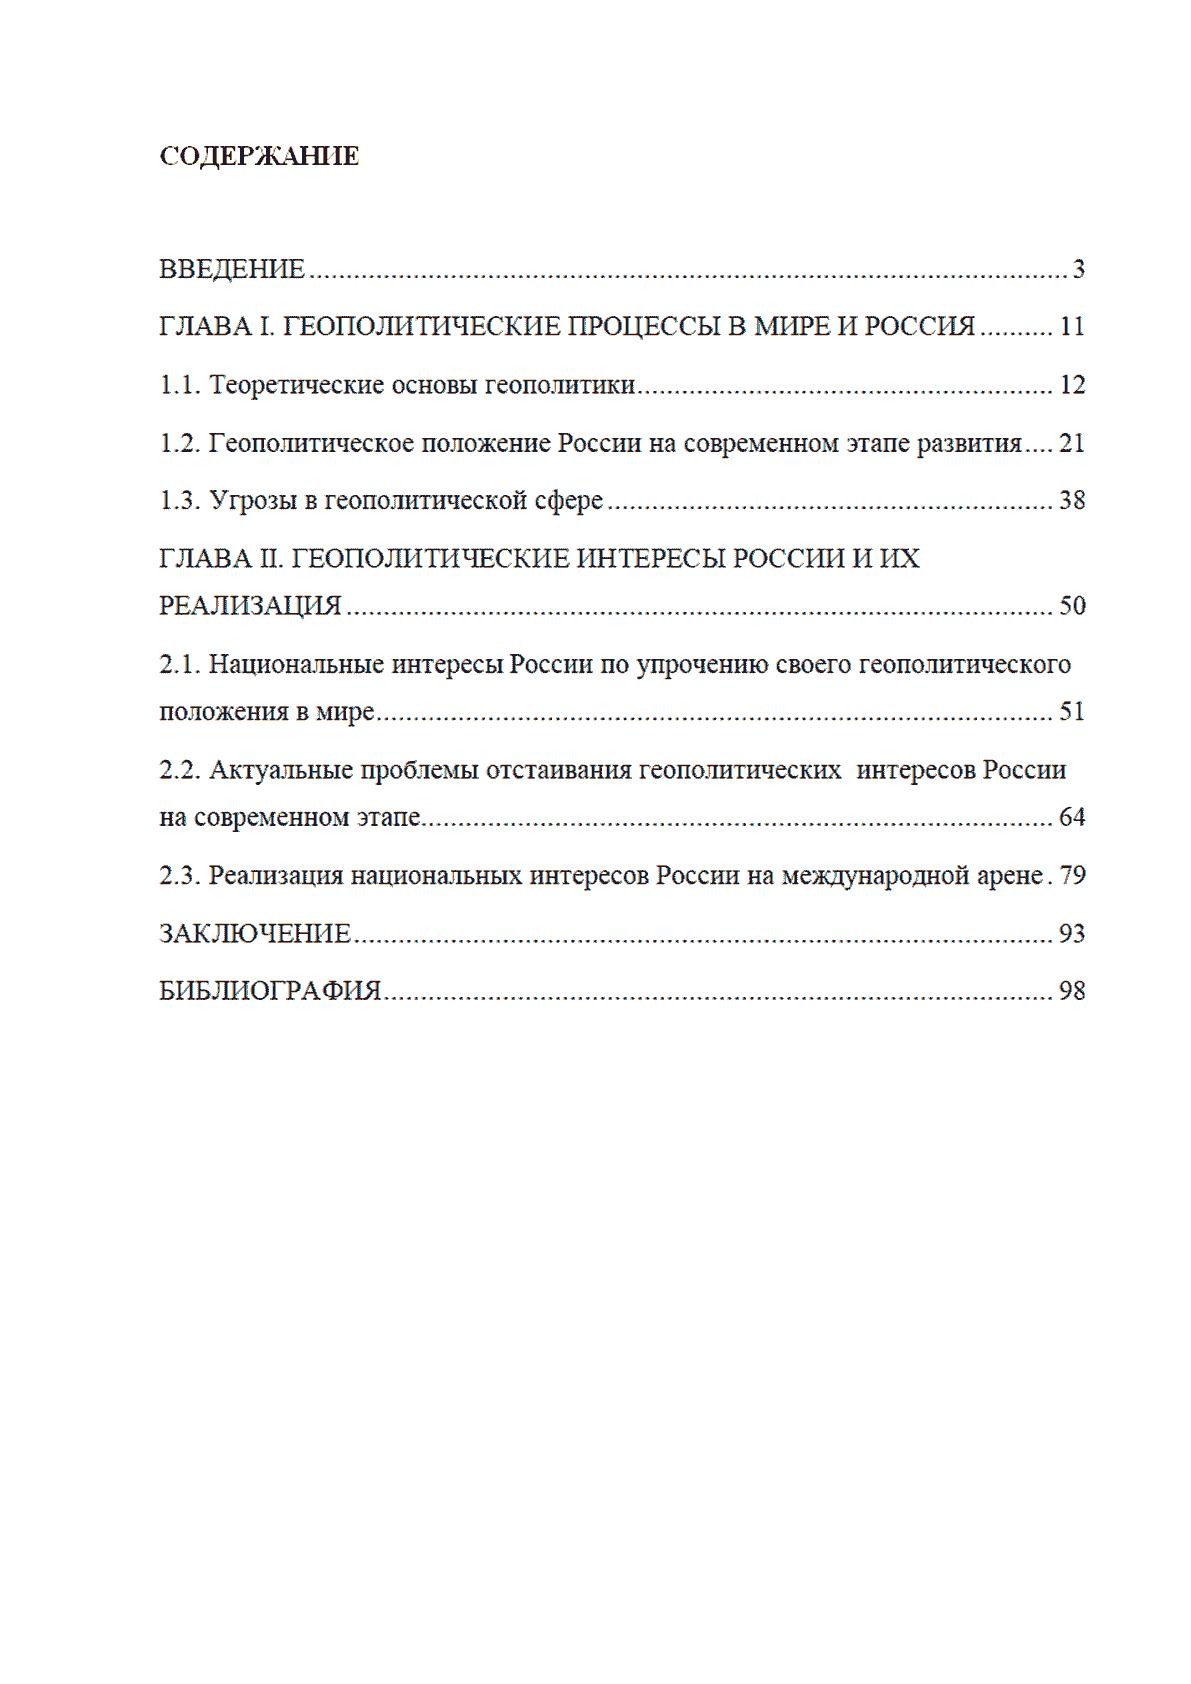 Как выглядит план магистерской диссертации 3491